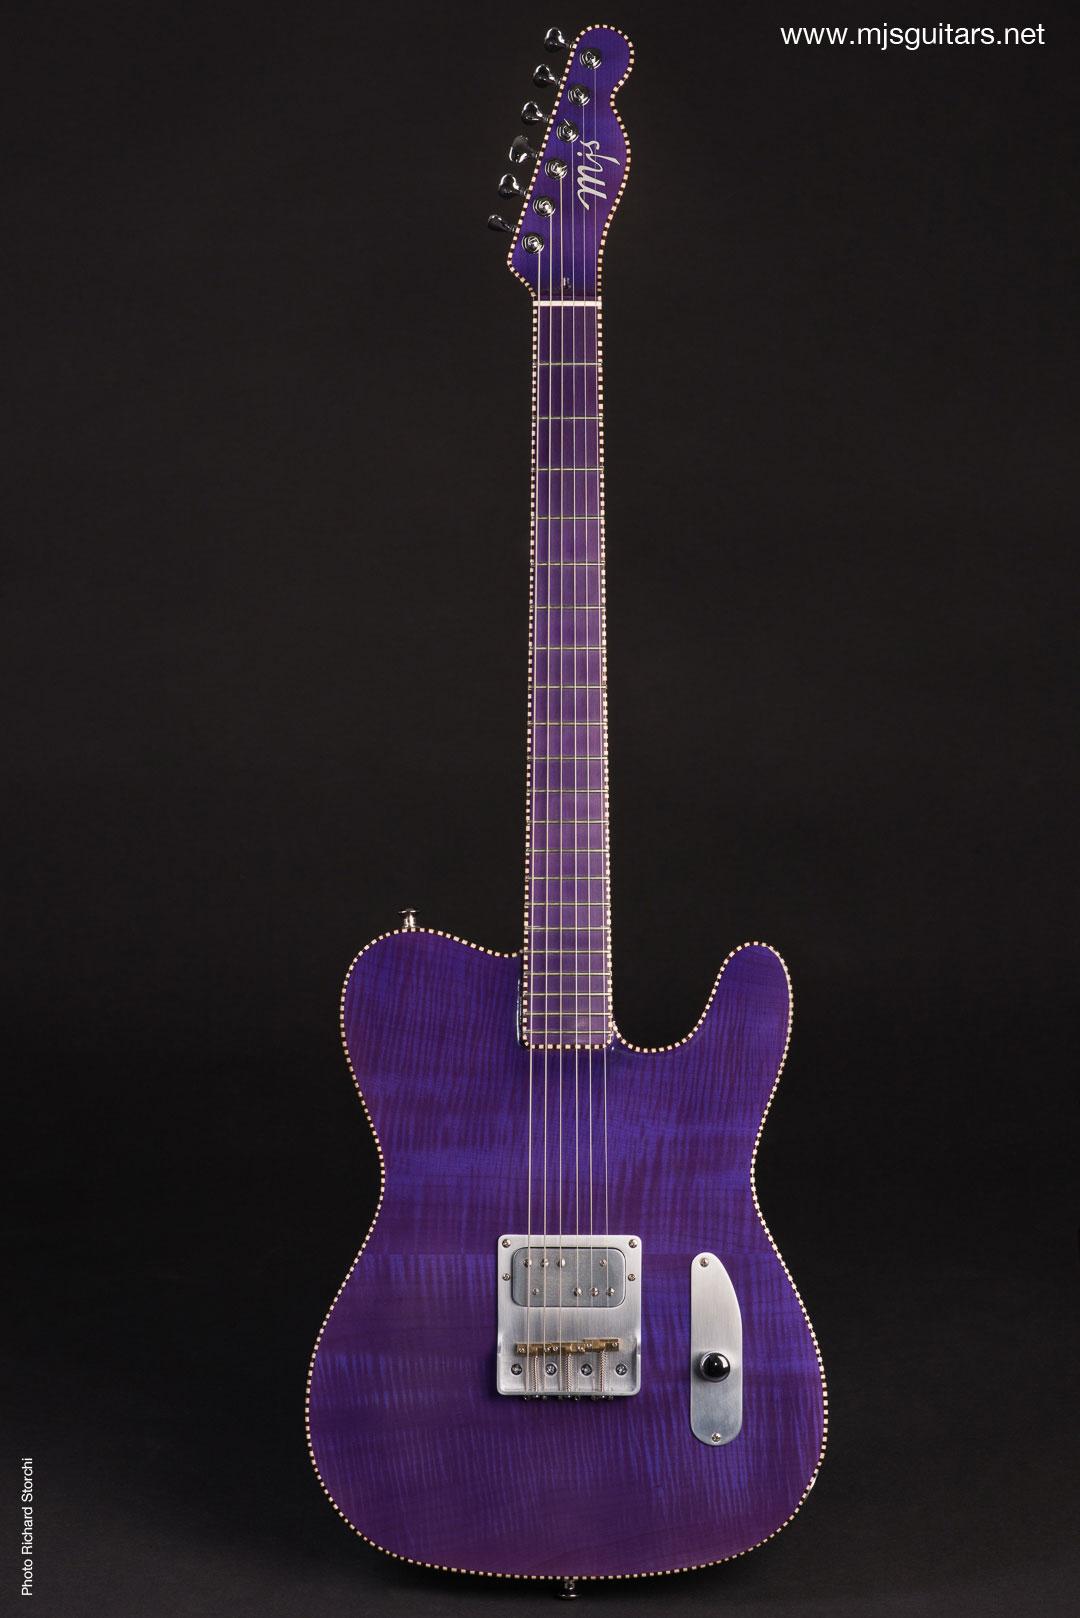 micro guitare zz top